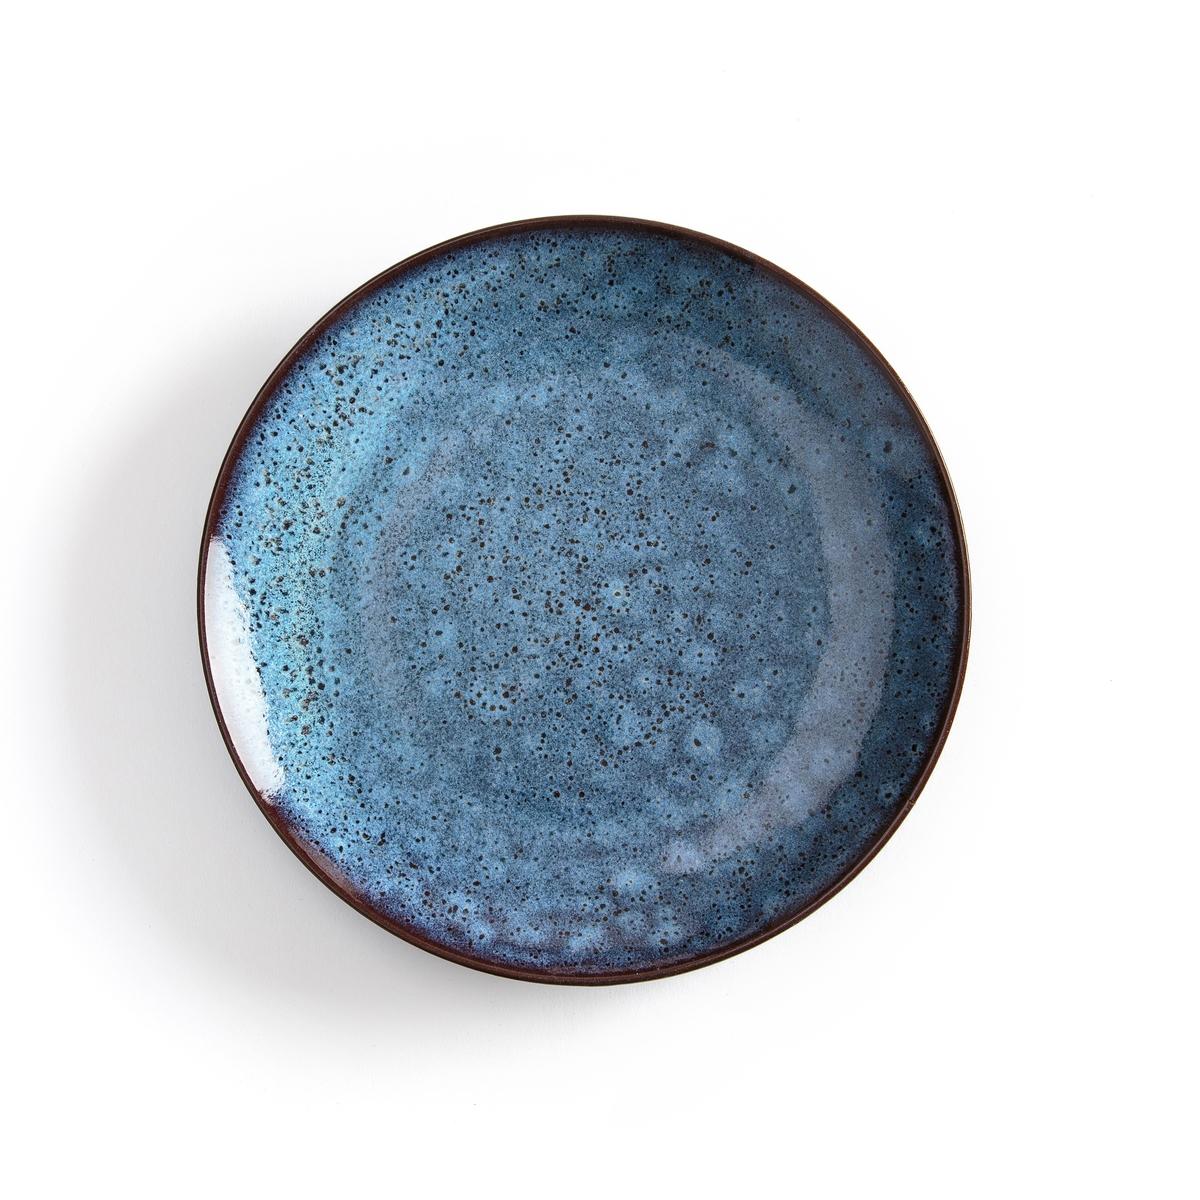 Комплект из 4 мелких тарелок Pesgira комплект из 4 мелких тарелок из керамики olazhi